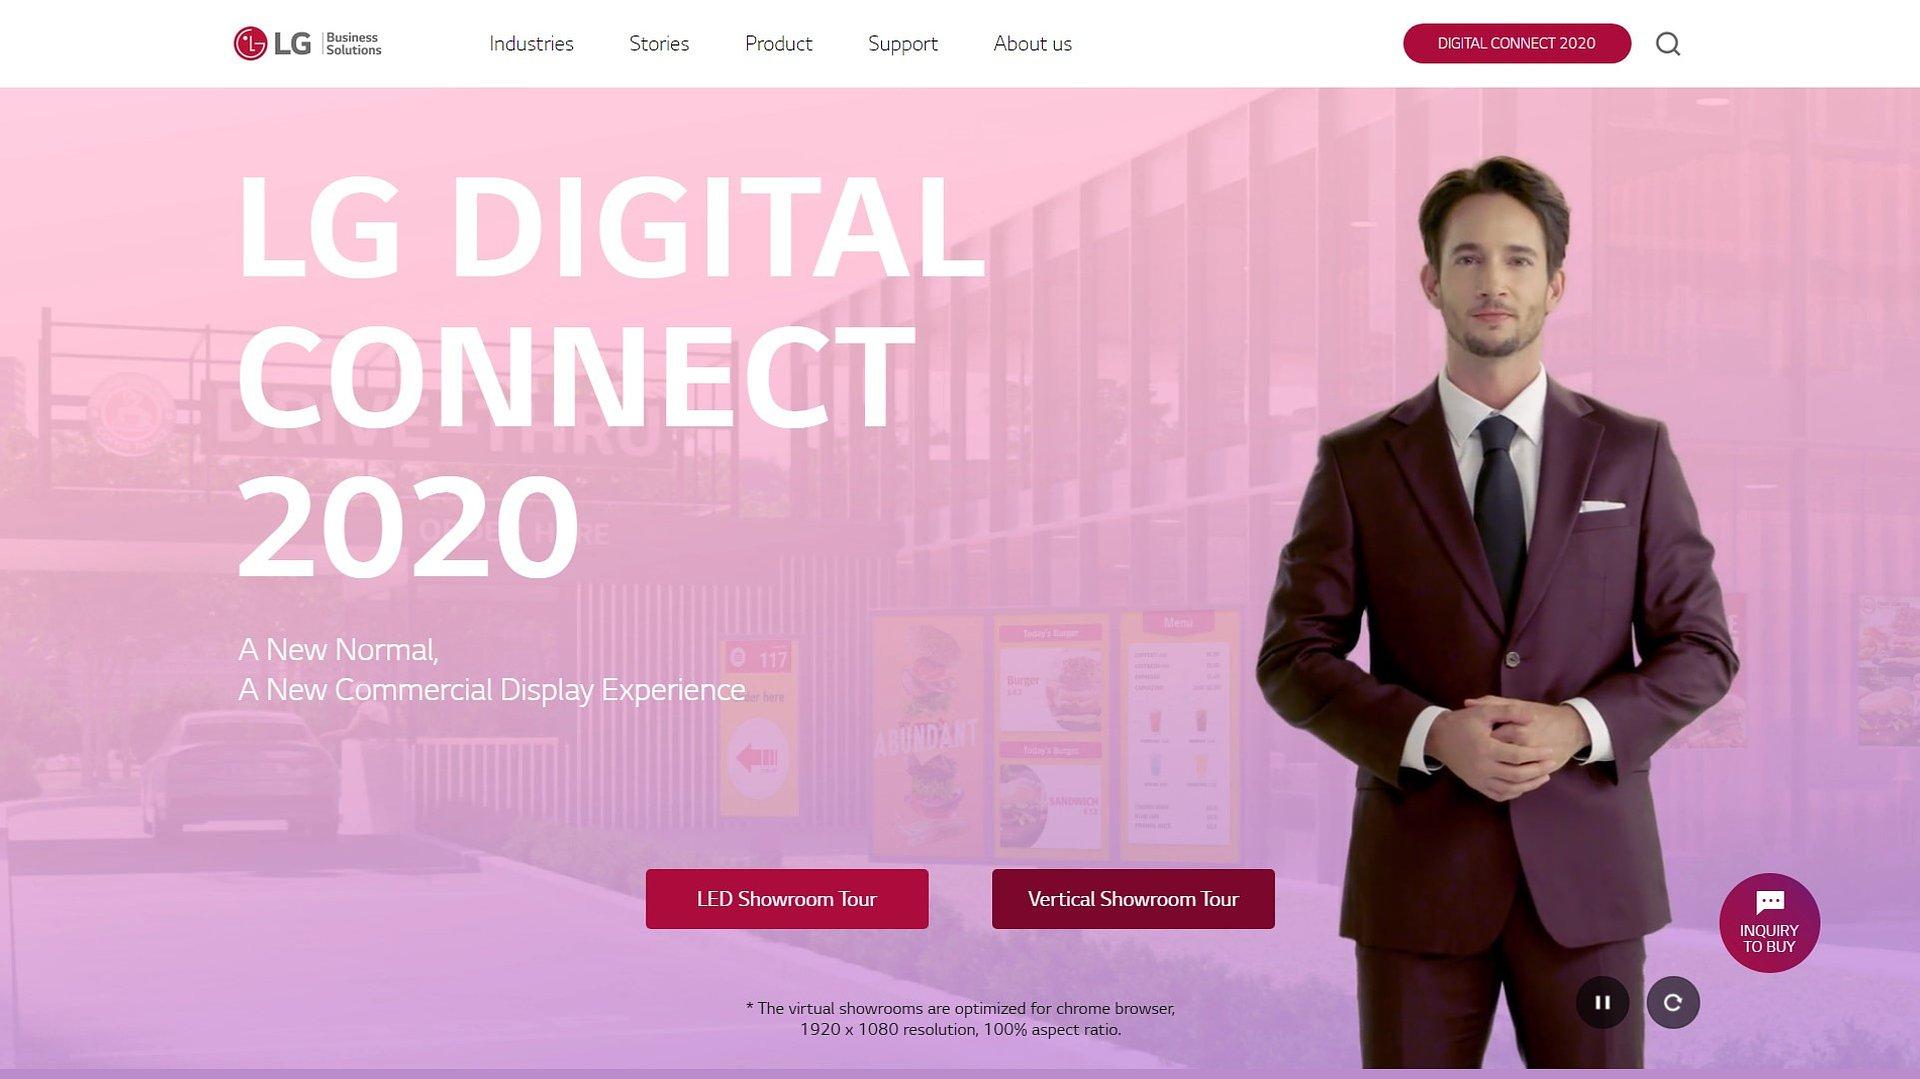 Najnowsze rozwiązania Digital Signage firmy LG – platforma Digital Connect 2020